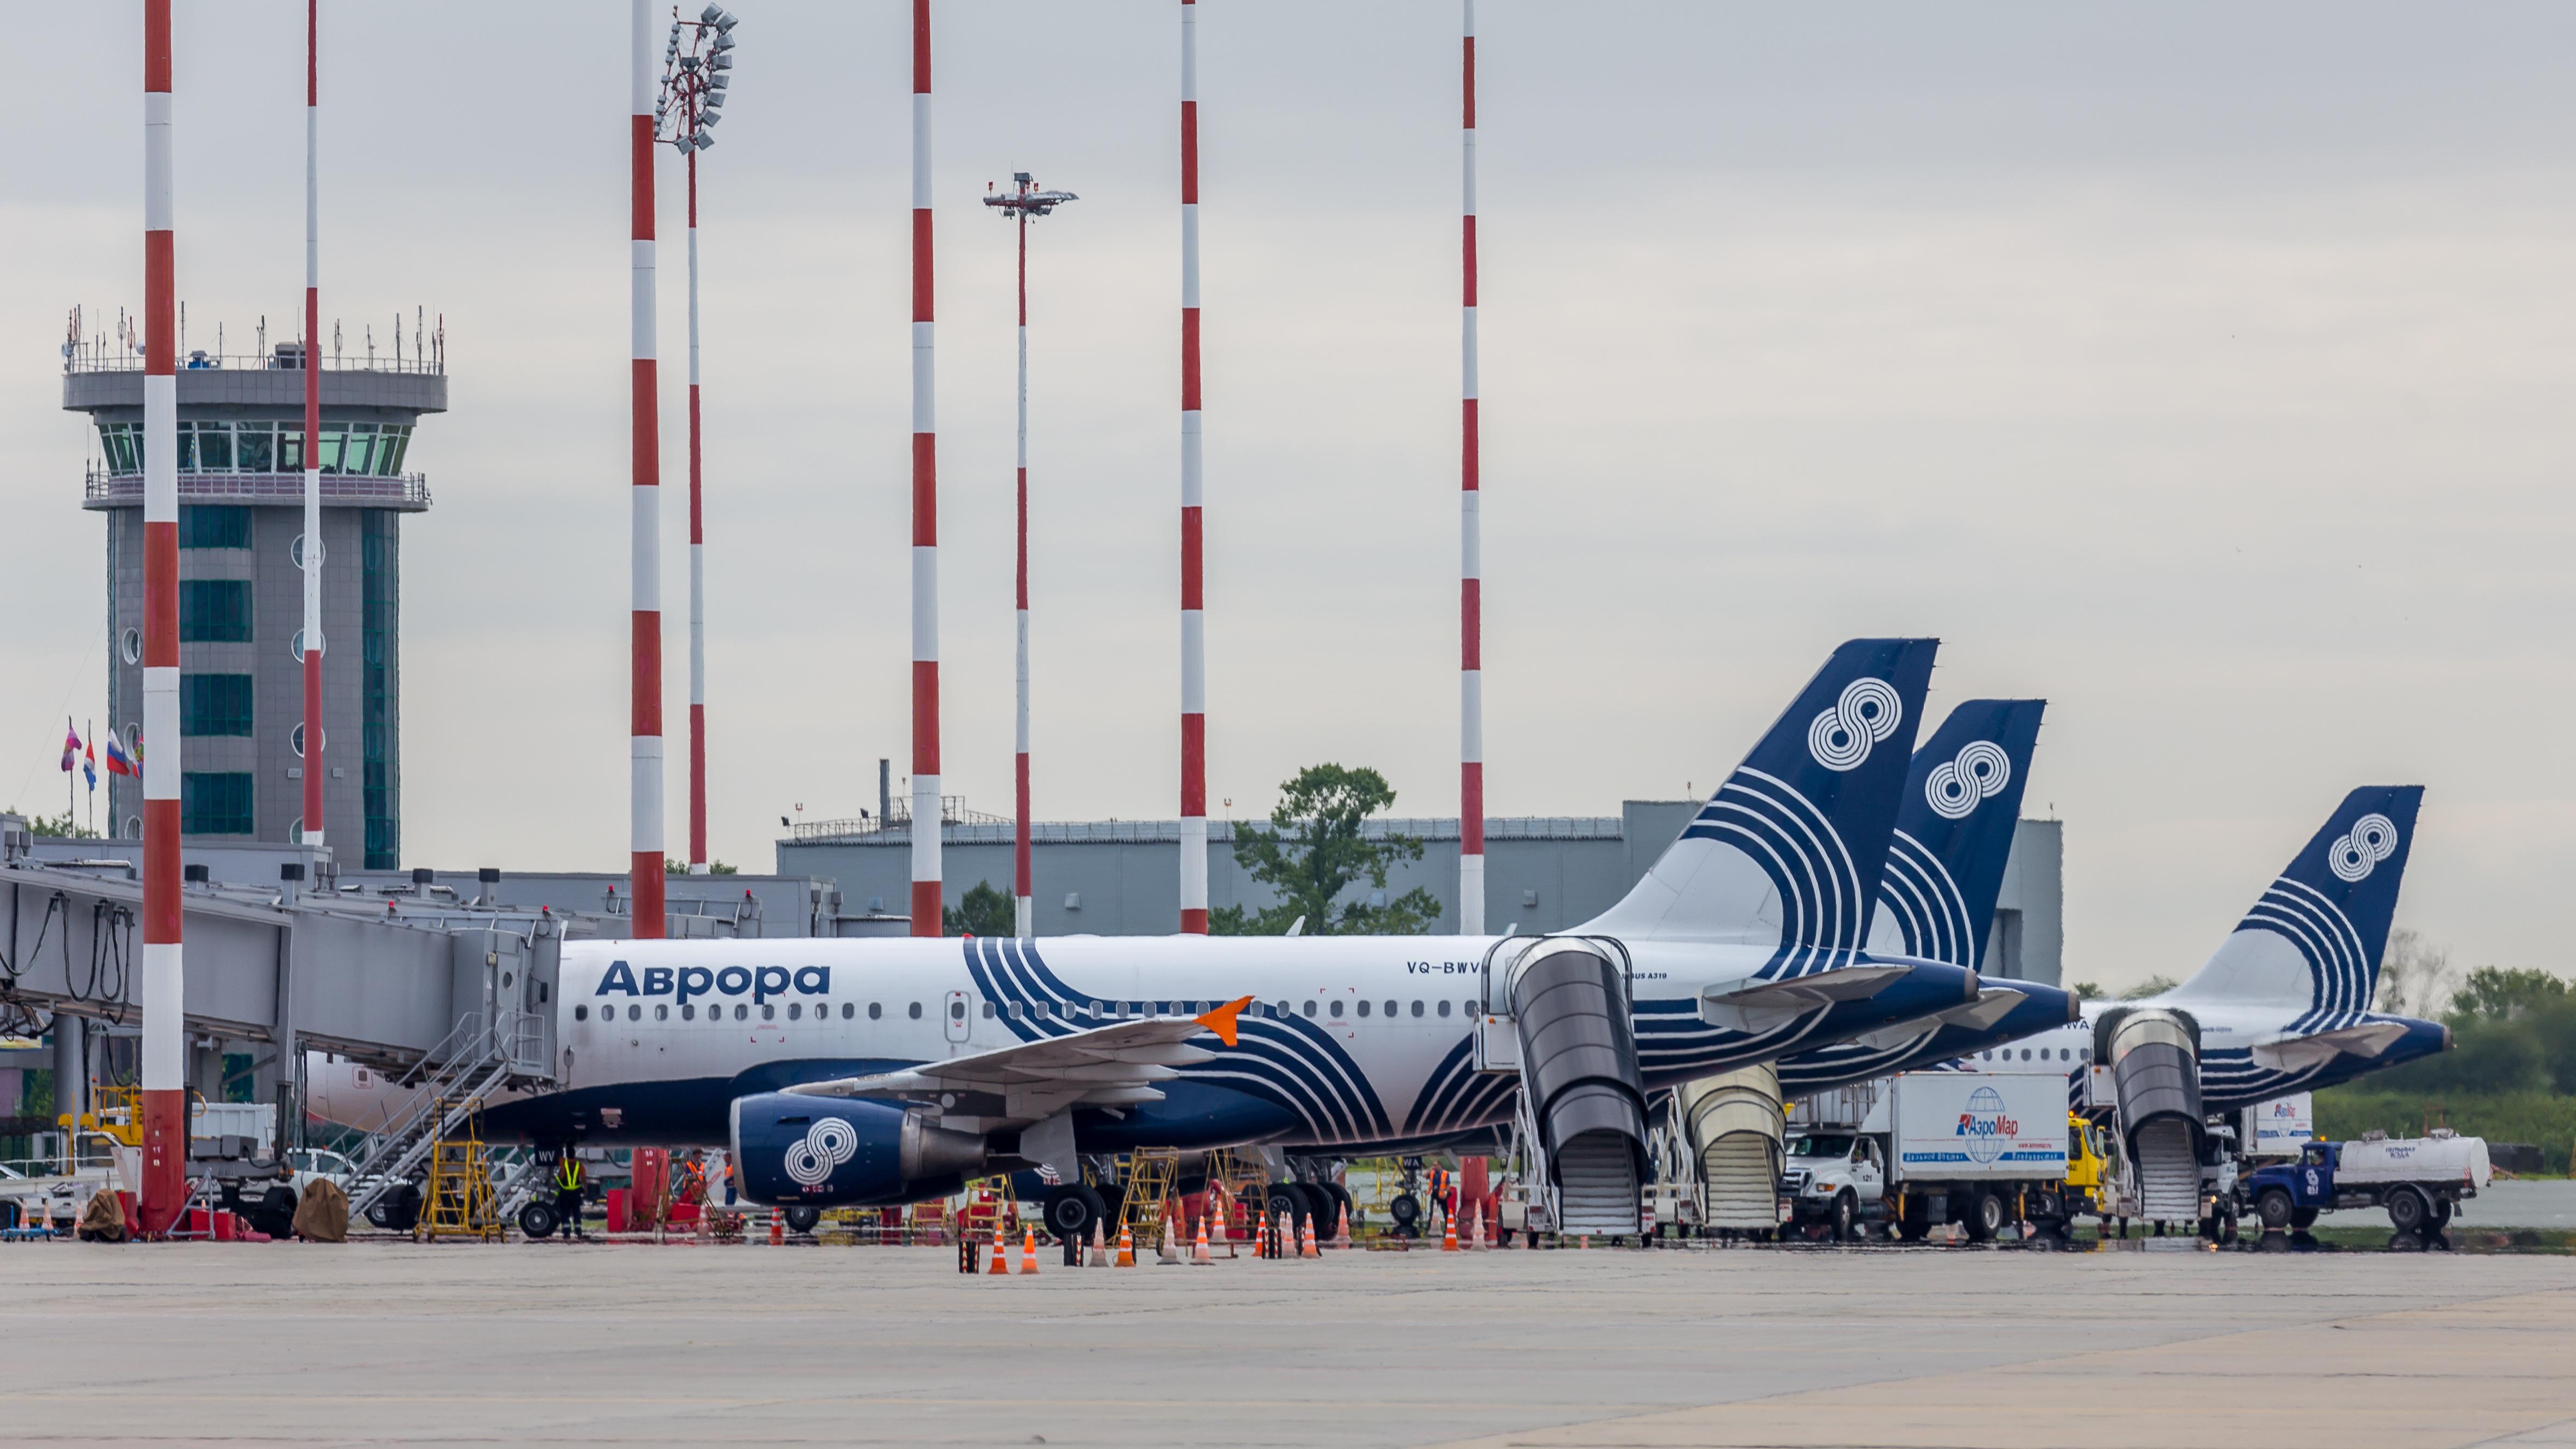 Москва хошимин купить авиабилеты